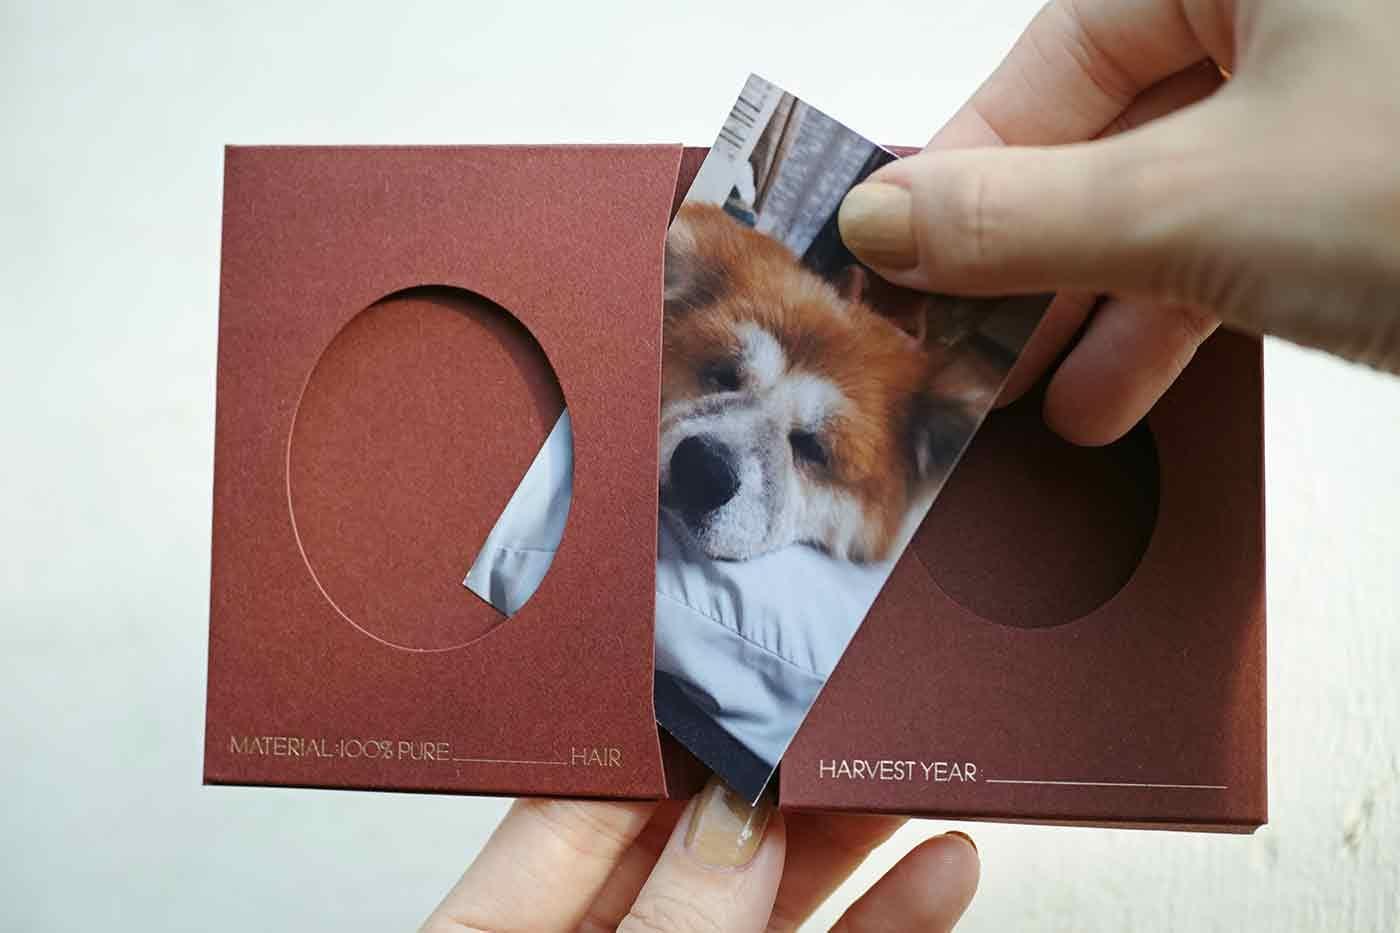 愛犬の写真と抜け毛を専用の箱に入れる